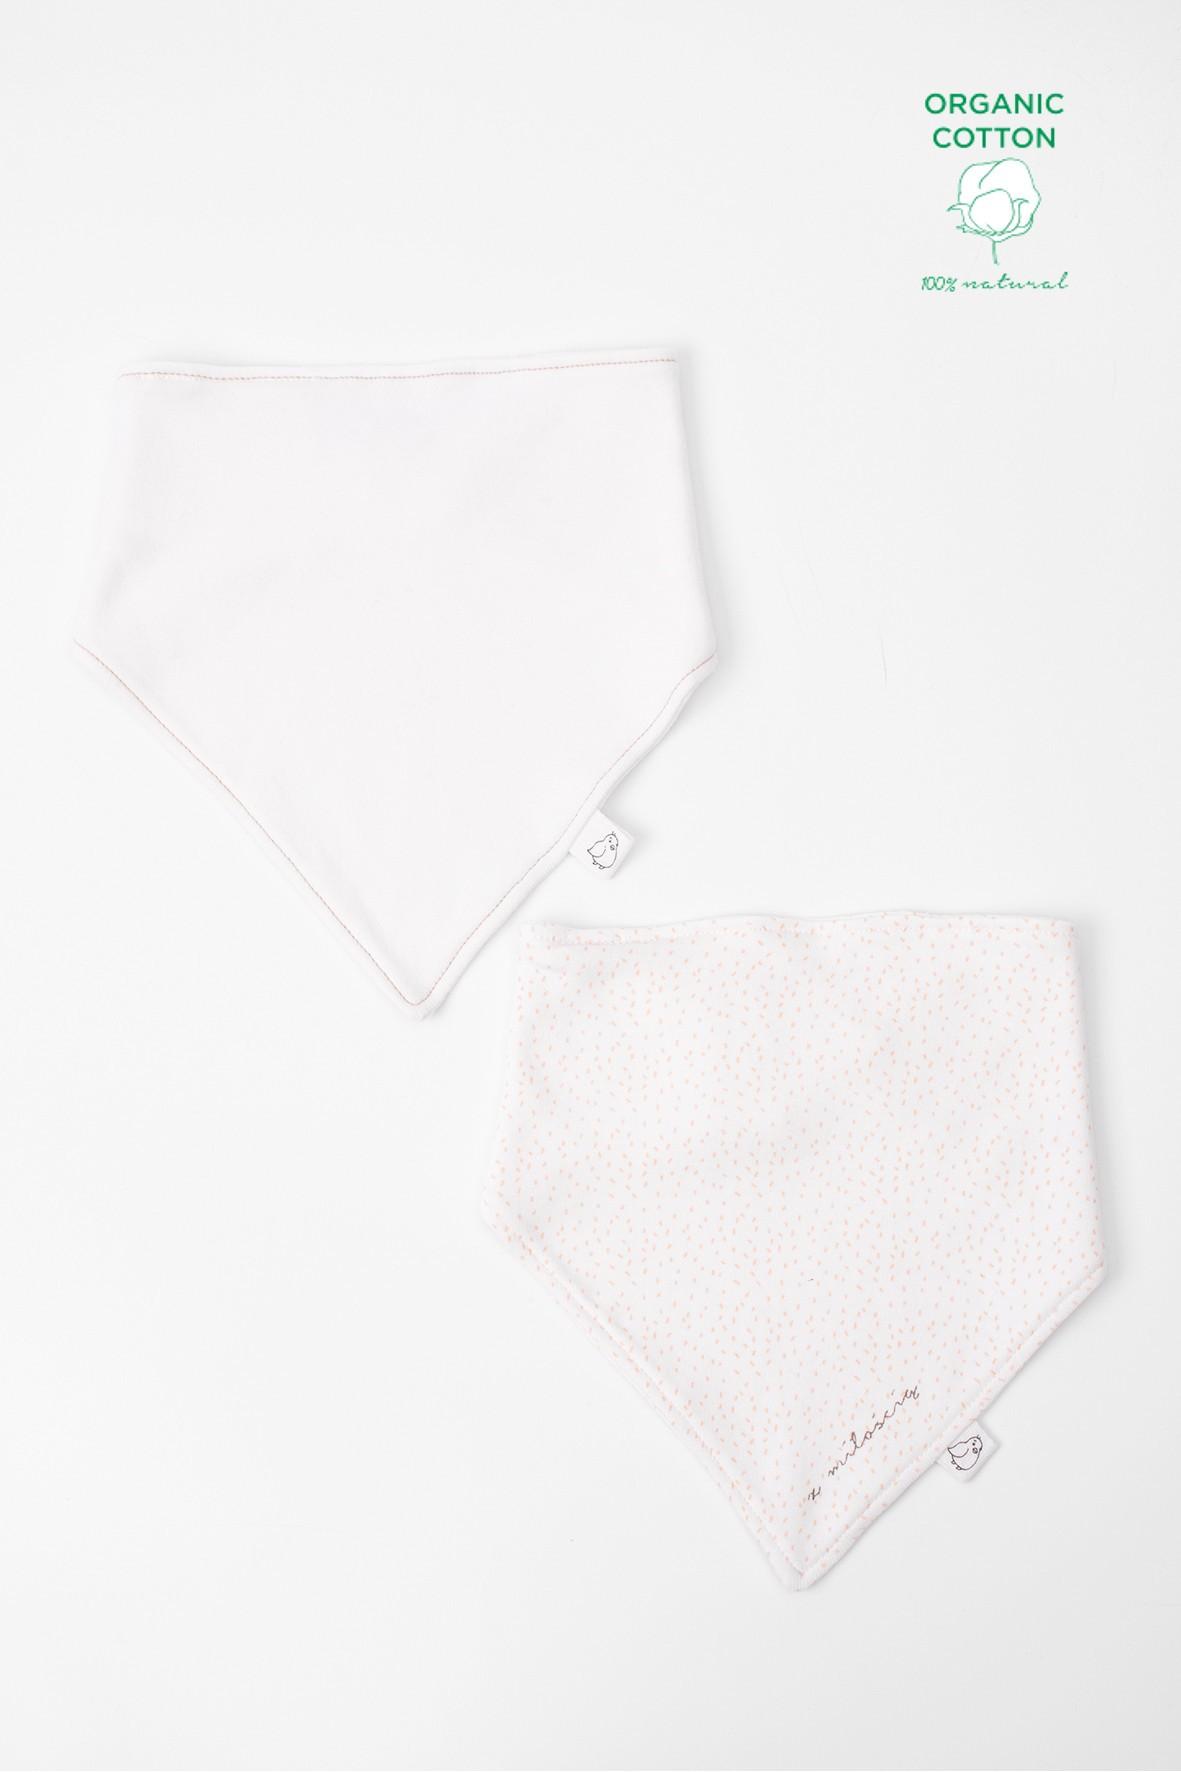 Apaszki niemowlęce z bawełny organicznej 2pak